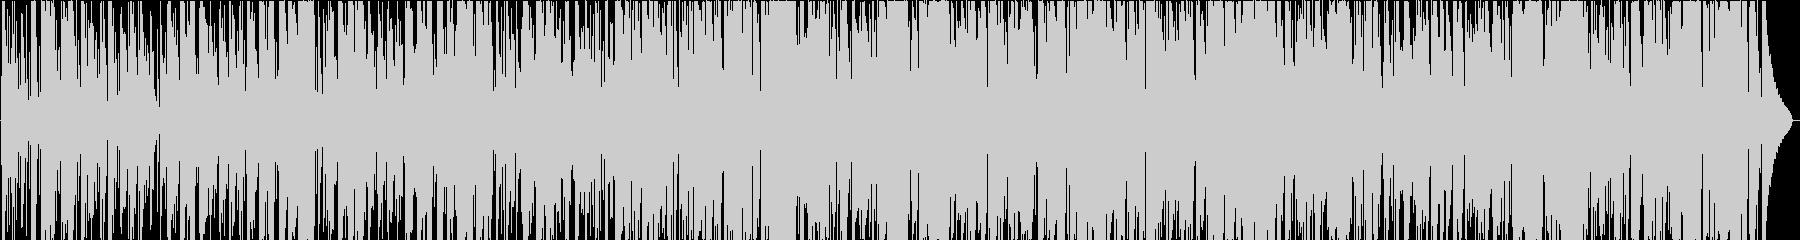 スローなジャズの未再生の波形